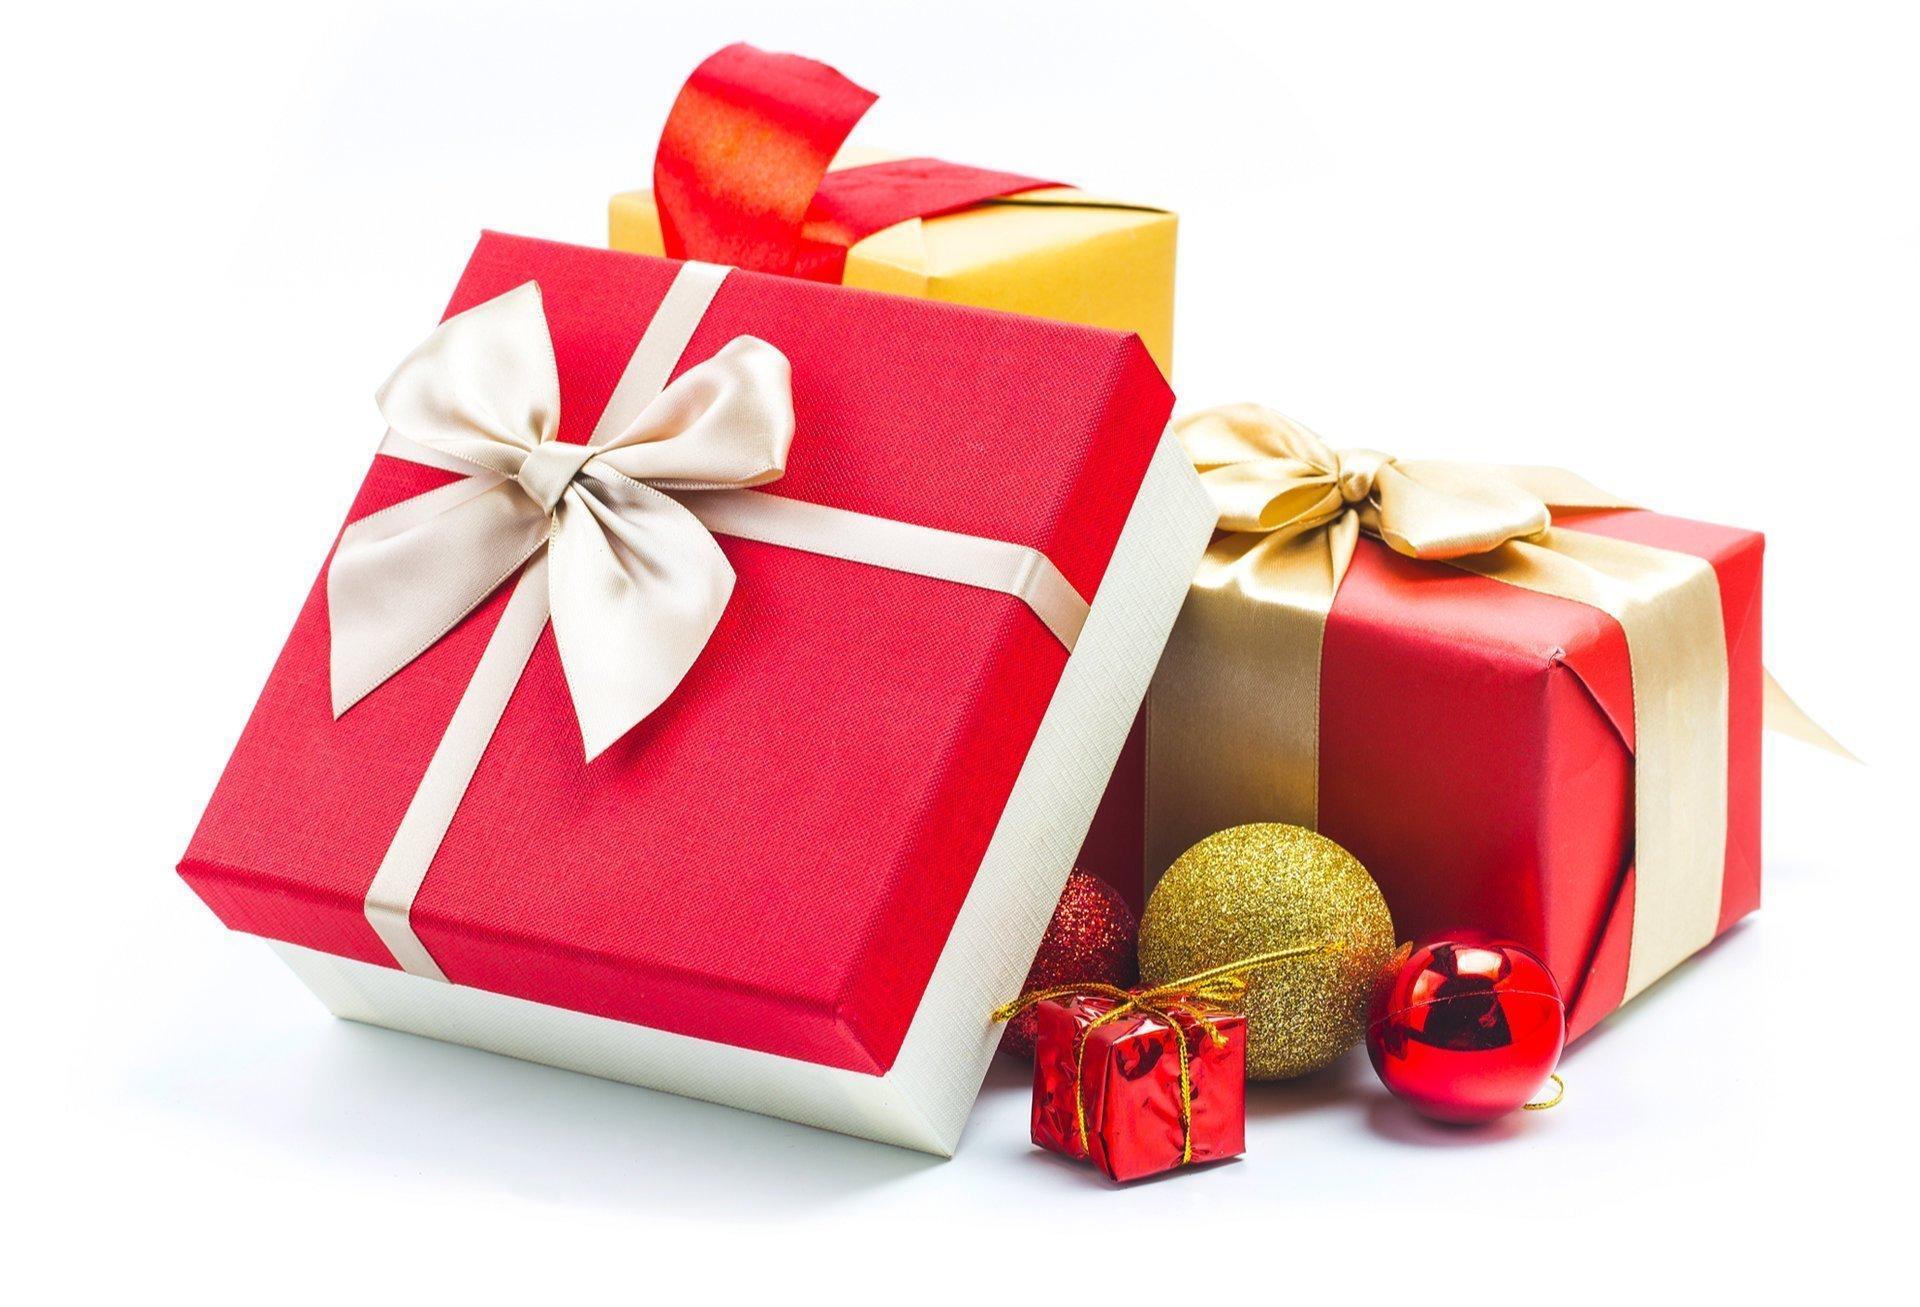 regali cioccolato natale